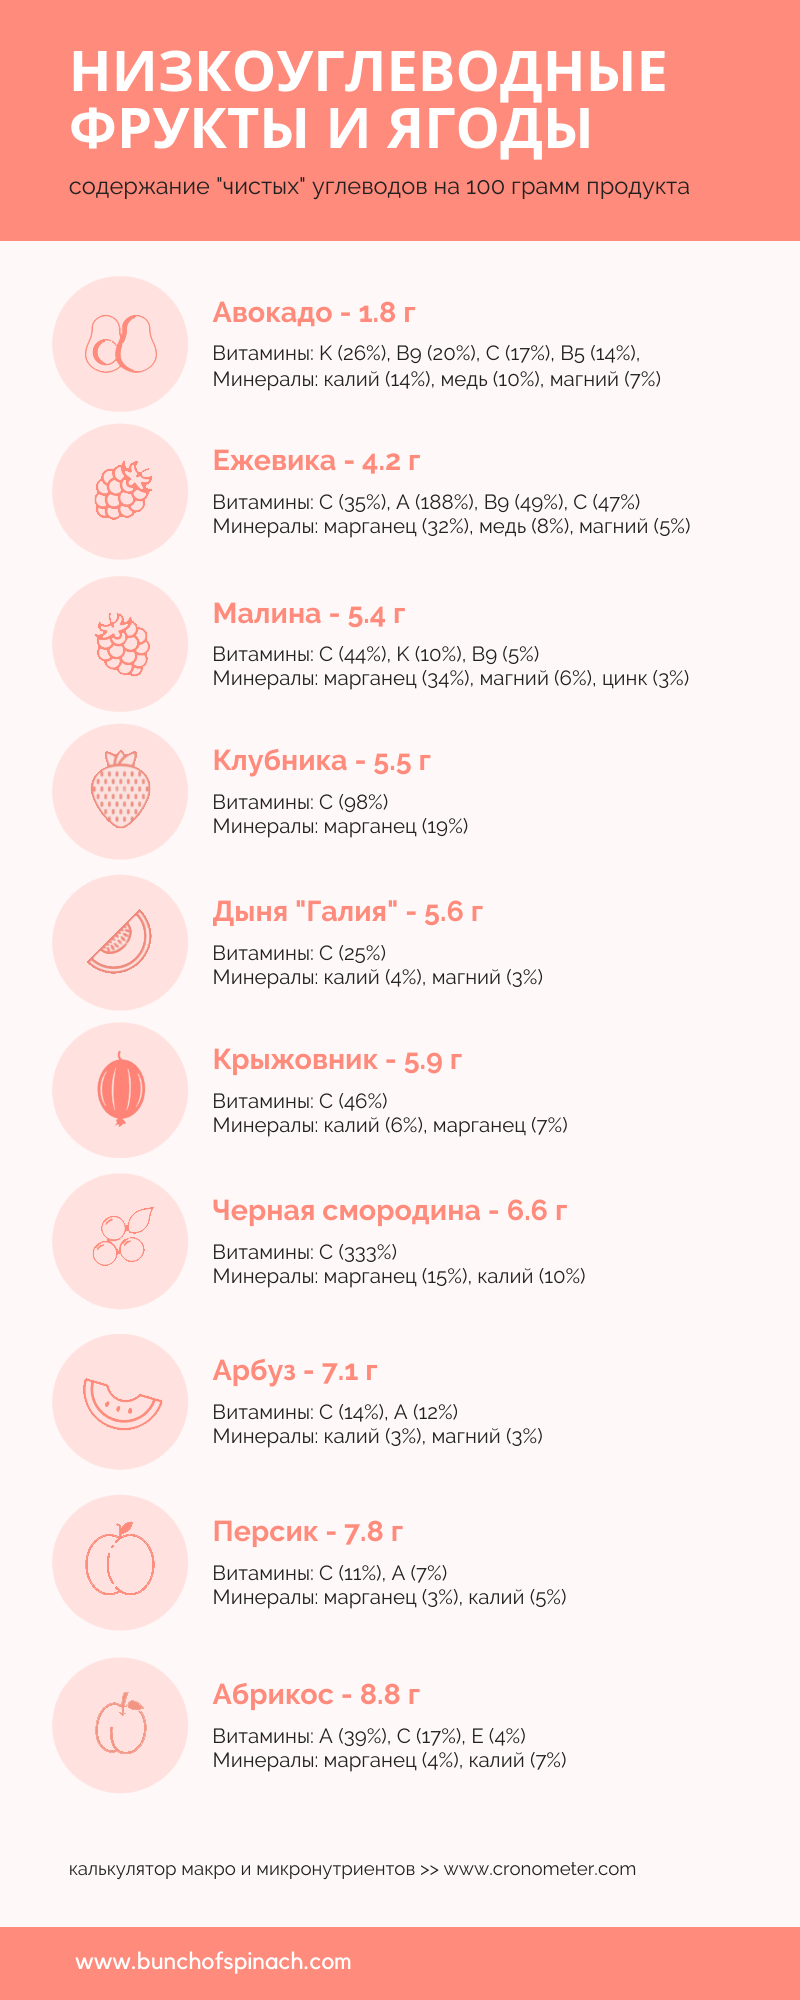 ягоды и фрукты на кето инфографика, низкоуглеводные фрукты топ 10